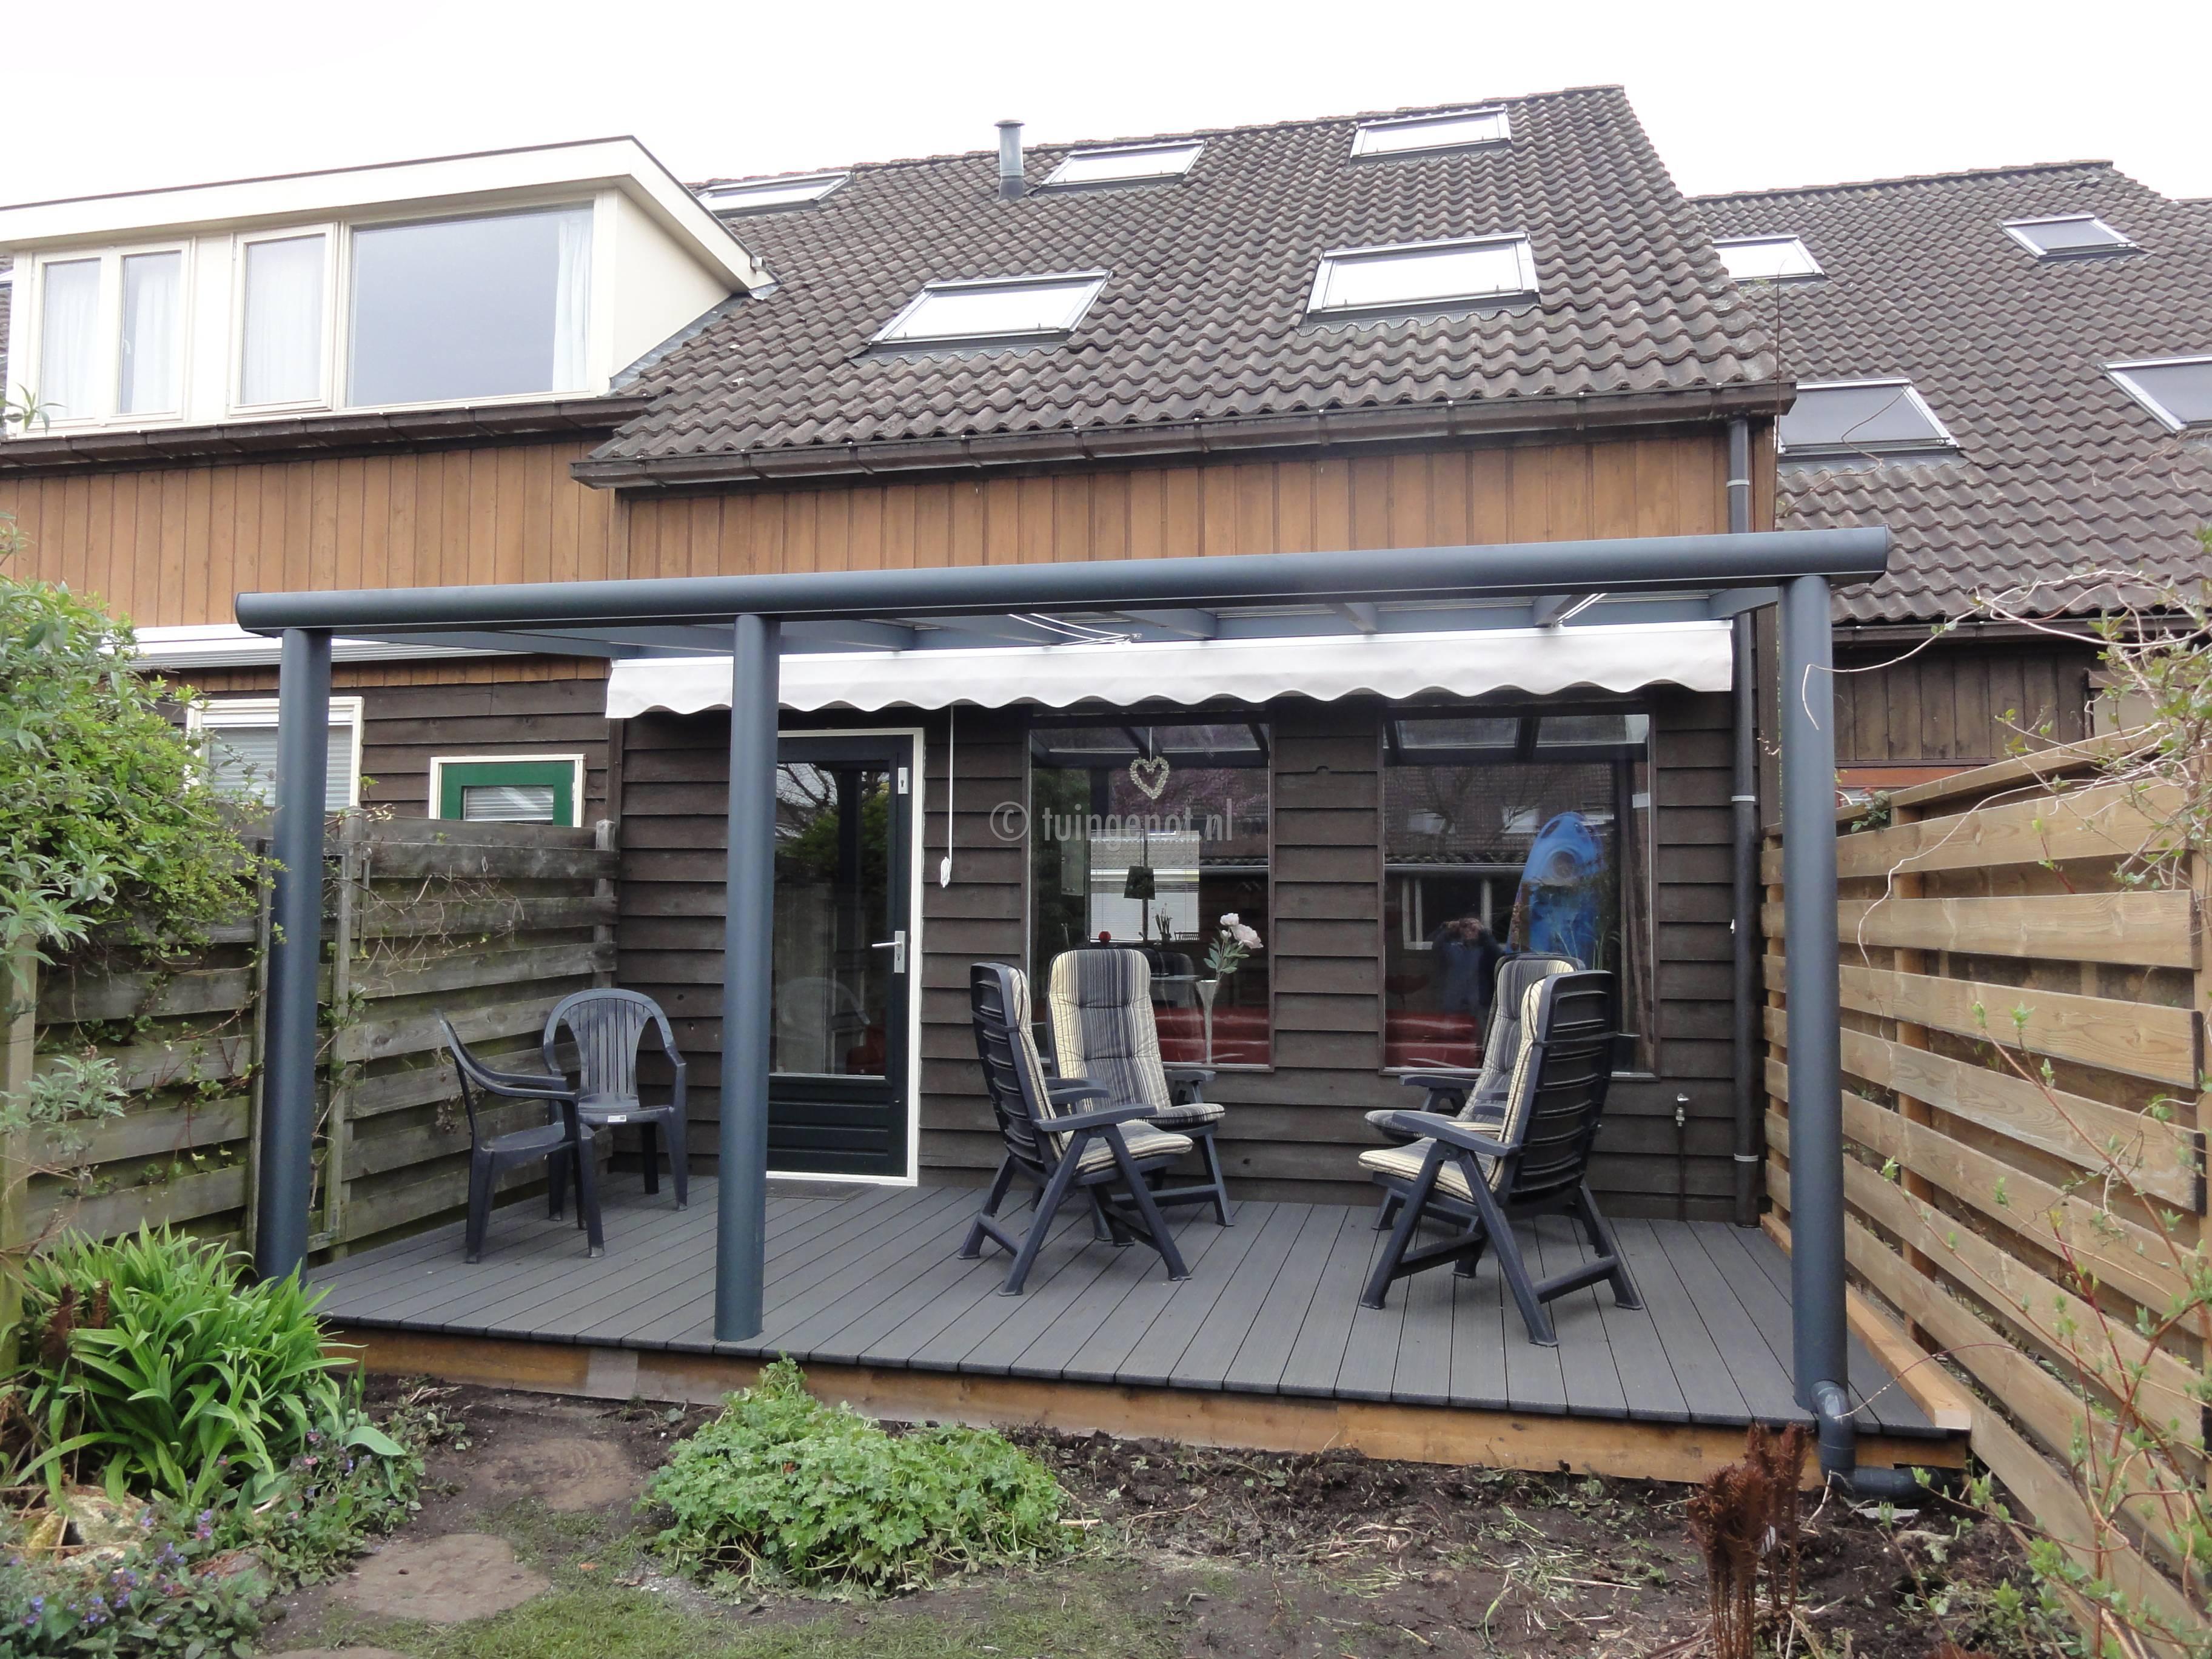 tuingenot aluminium veranda overkapping zelfbouw met polycarbonaatplaten of glazen dak systeem. Black Bedroom Furniture Sets. Home Design Ideas